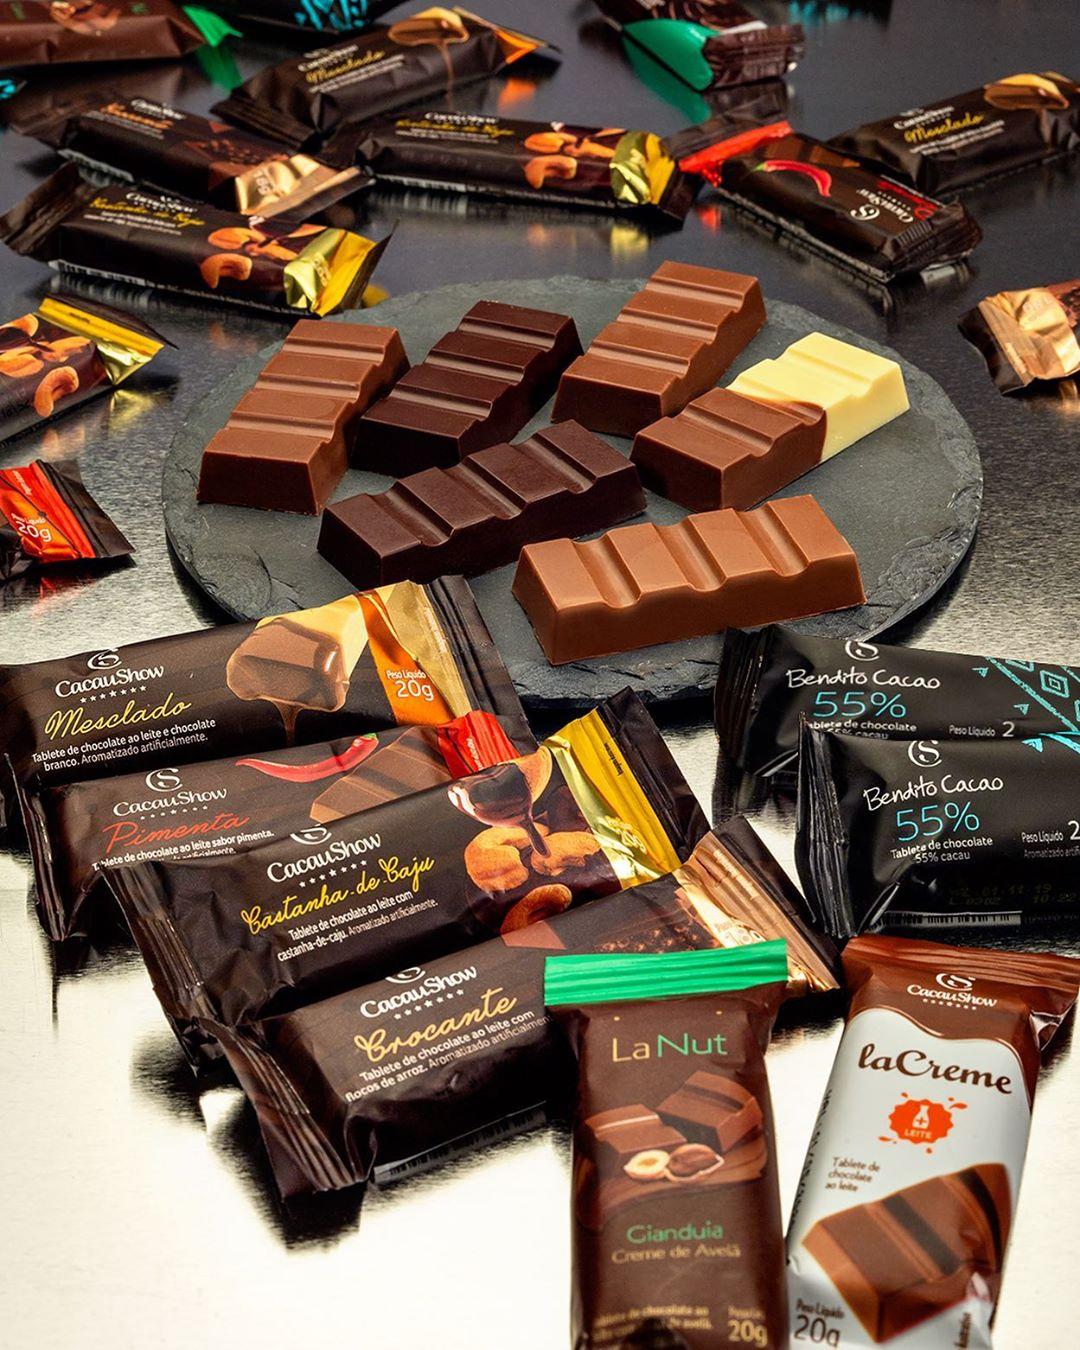 5 tabletes (18g e 20g cada) - linha tradicional, la creme ou bendito cacao por apenas R$9,90